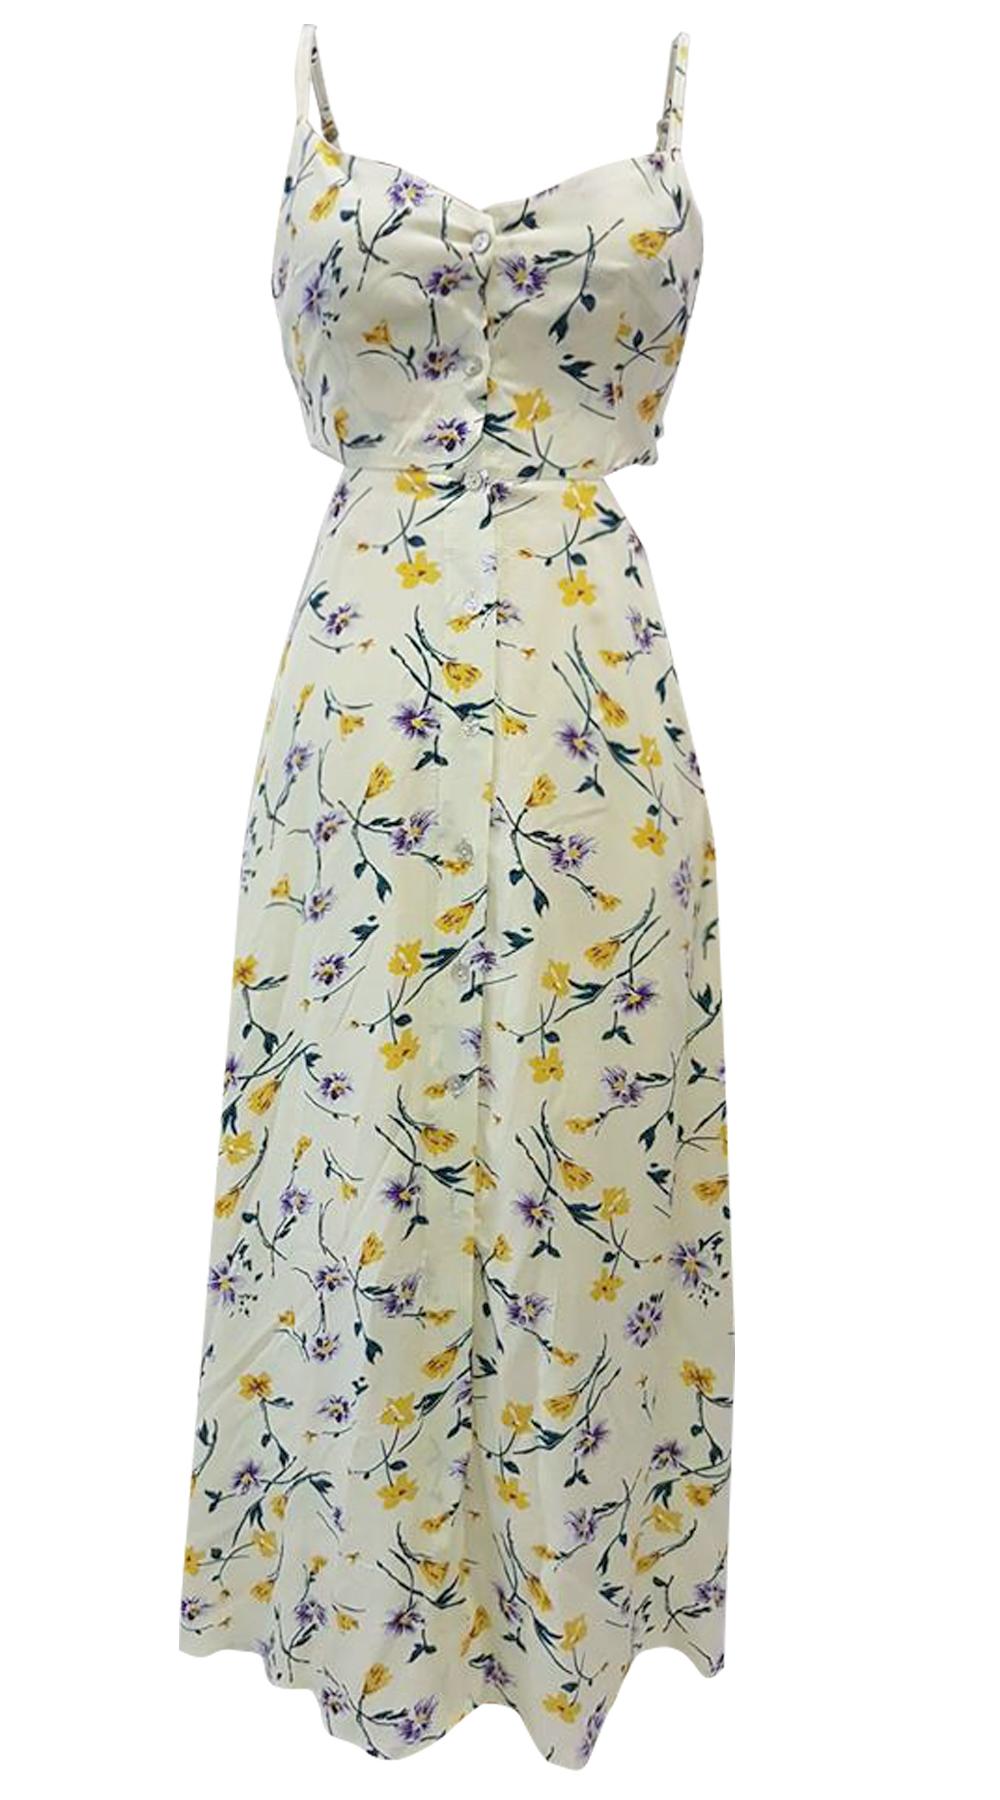 Μίντι φλοράλ φόρεμα με δέσιμο στην πλάτη - Greek Brands - S18ΝΑ-52445 φορέματα φλοράλ φορέματα